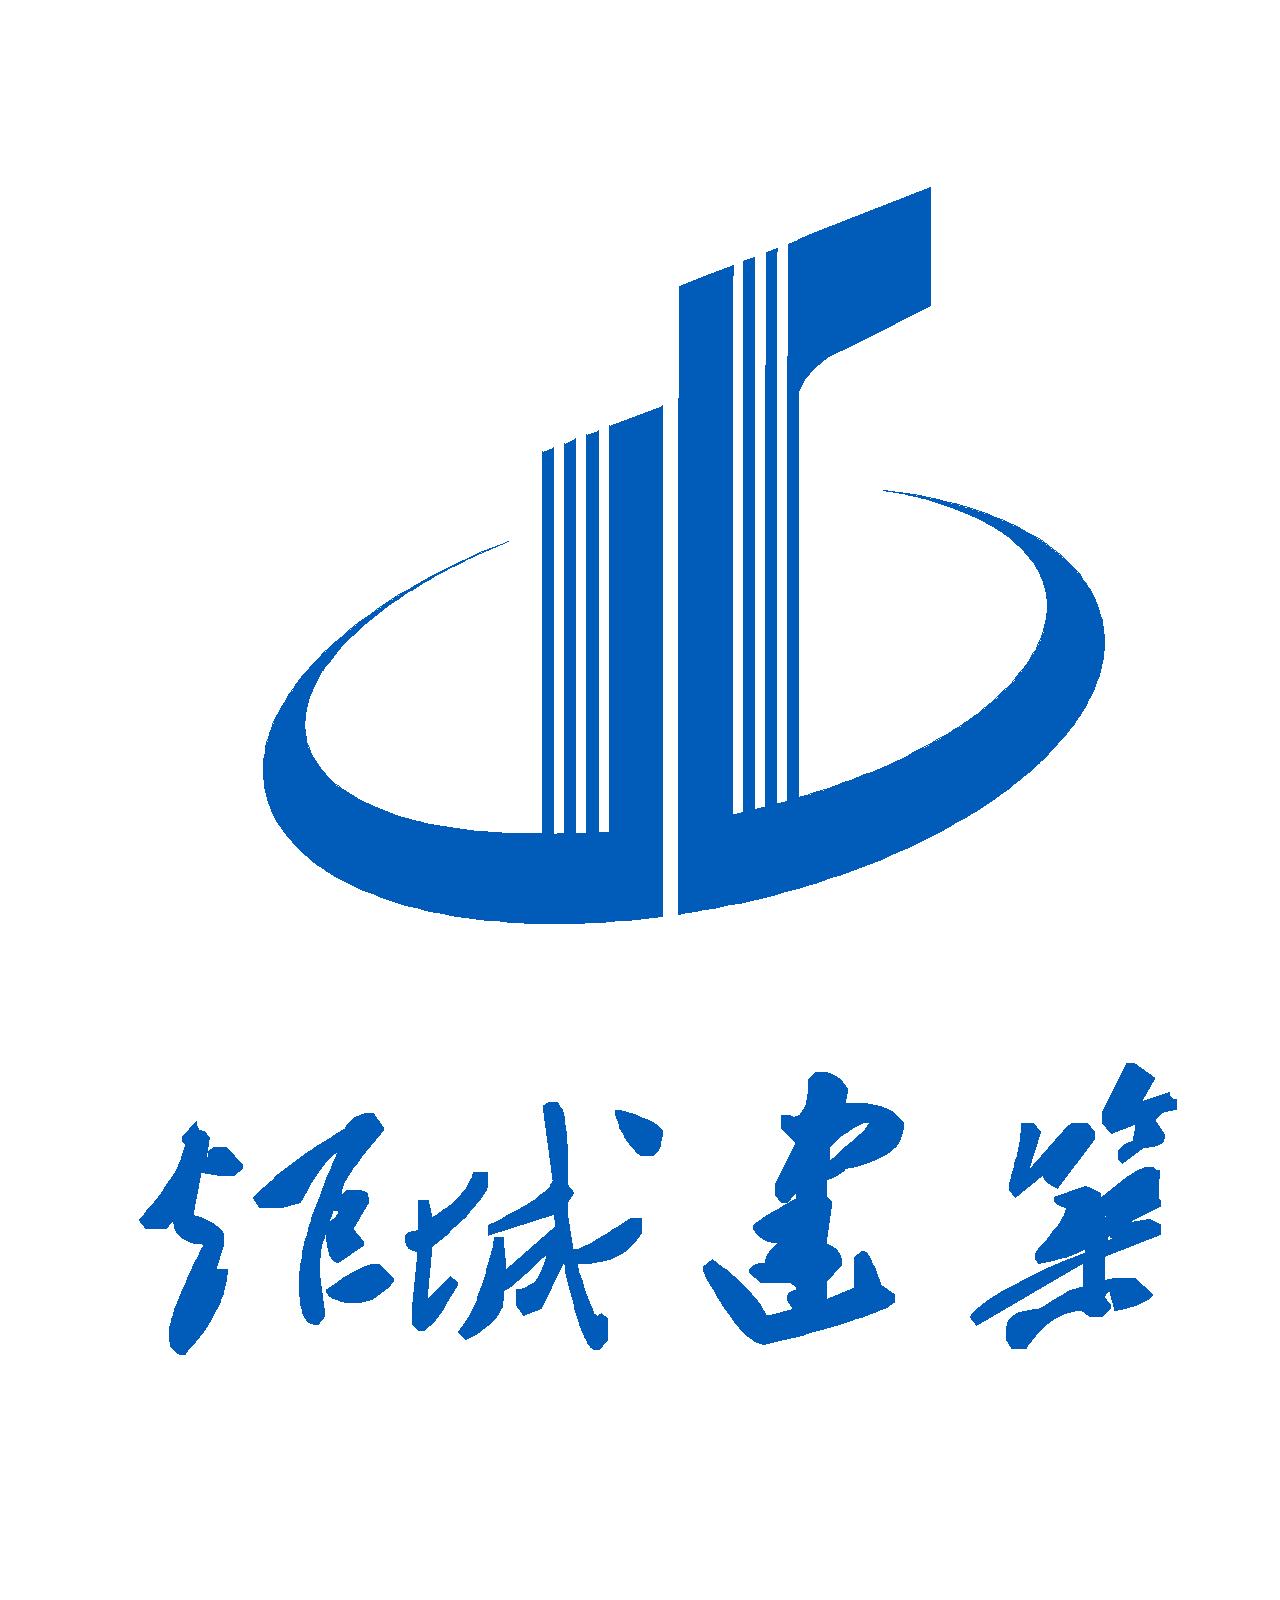 廣東炬城建筑工程有限公司_國際人才網_www.kwujz.com